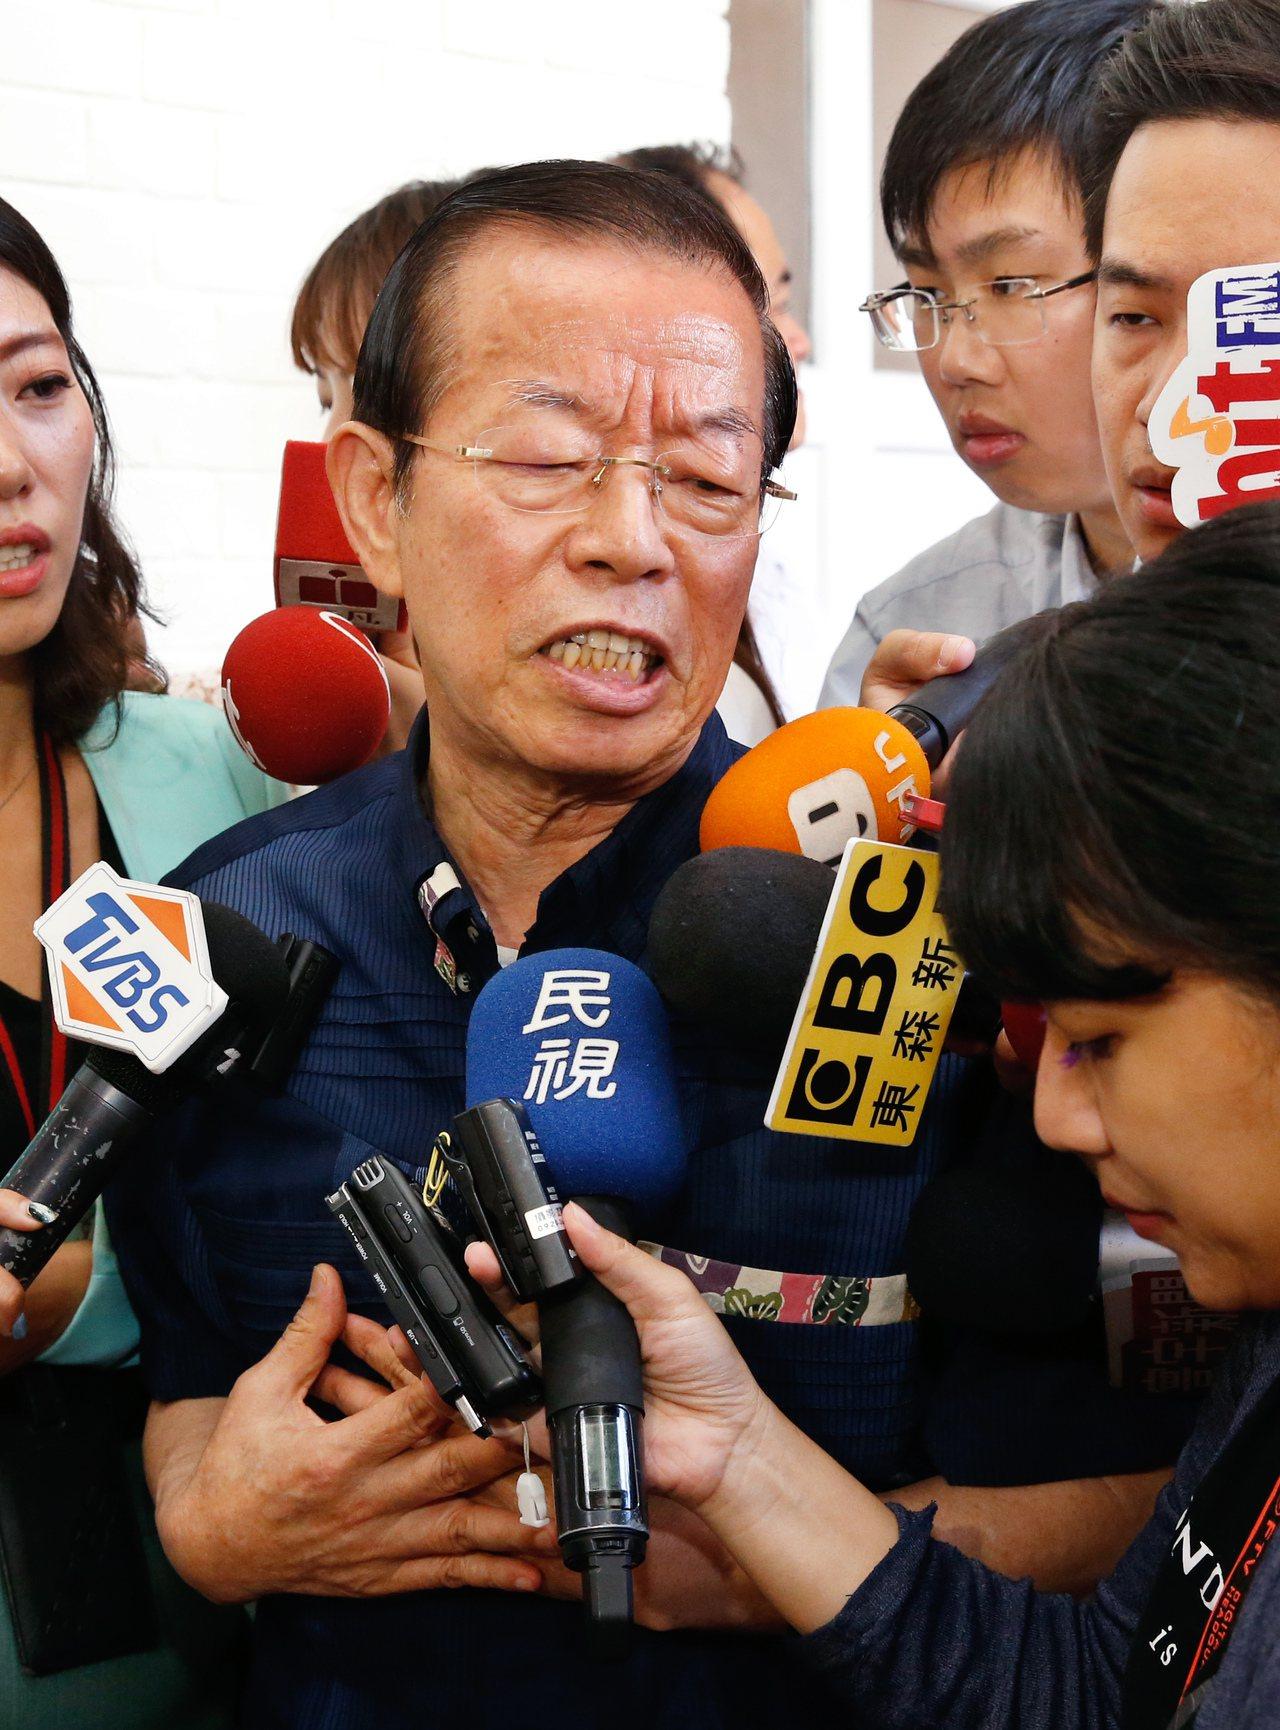 日本天皇德仁今天舉行即位典禮,外交部表示,比照1990年日皇明仁即位儀式的前例,...